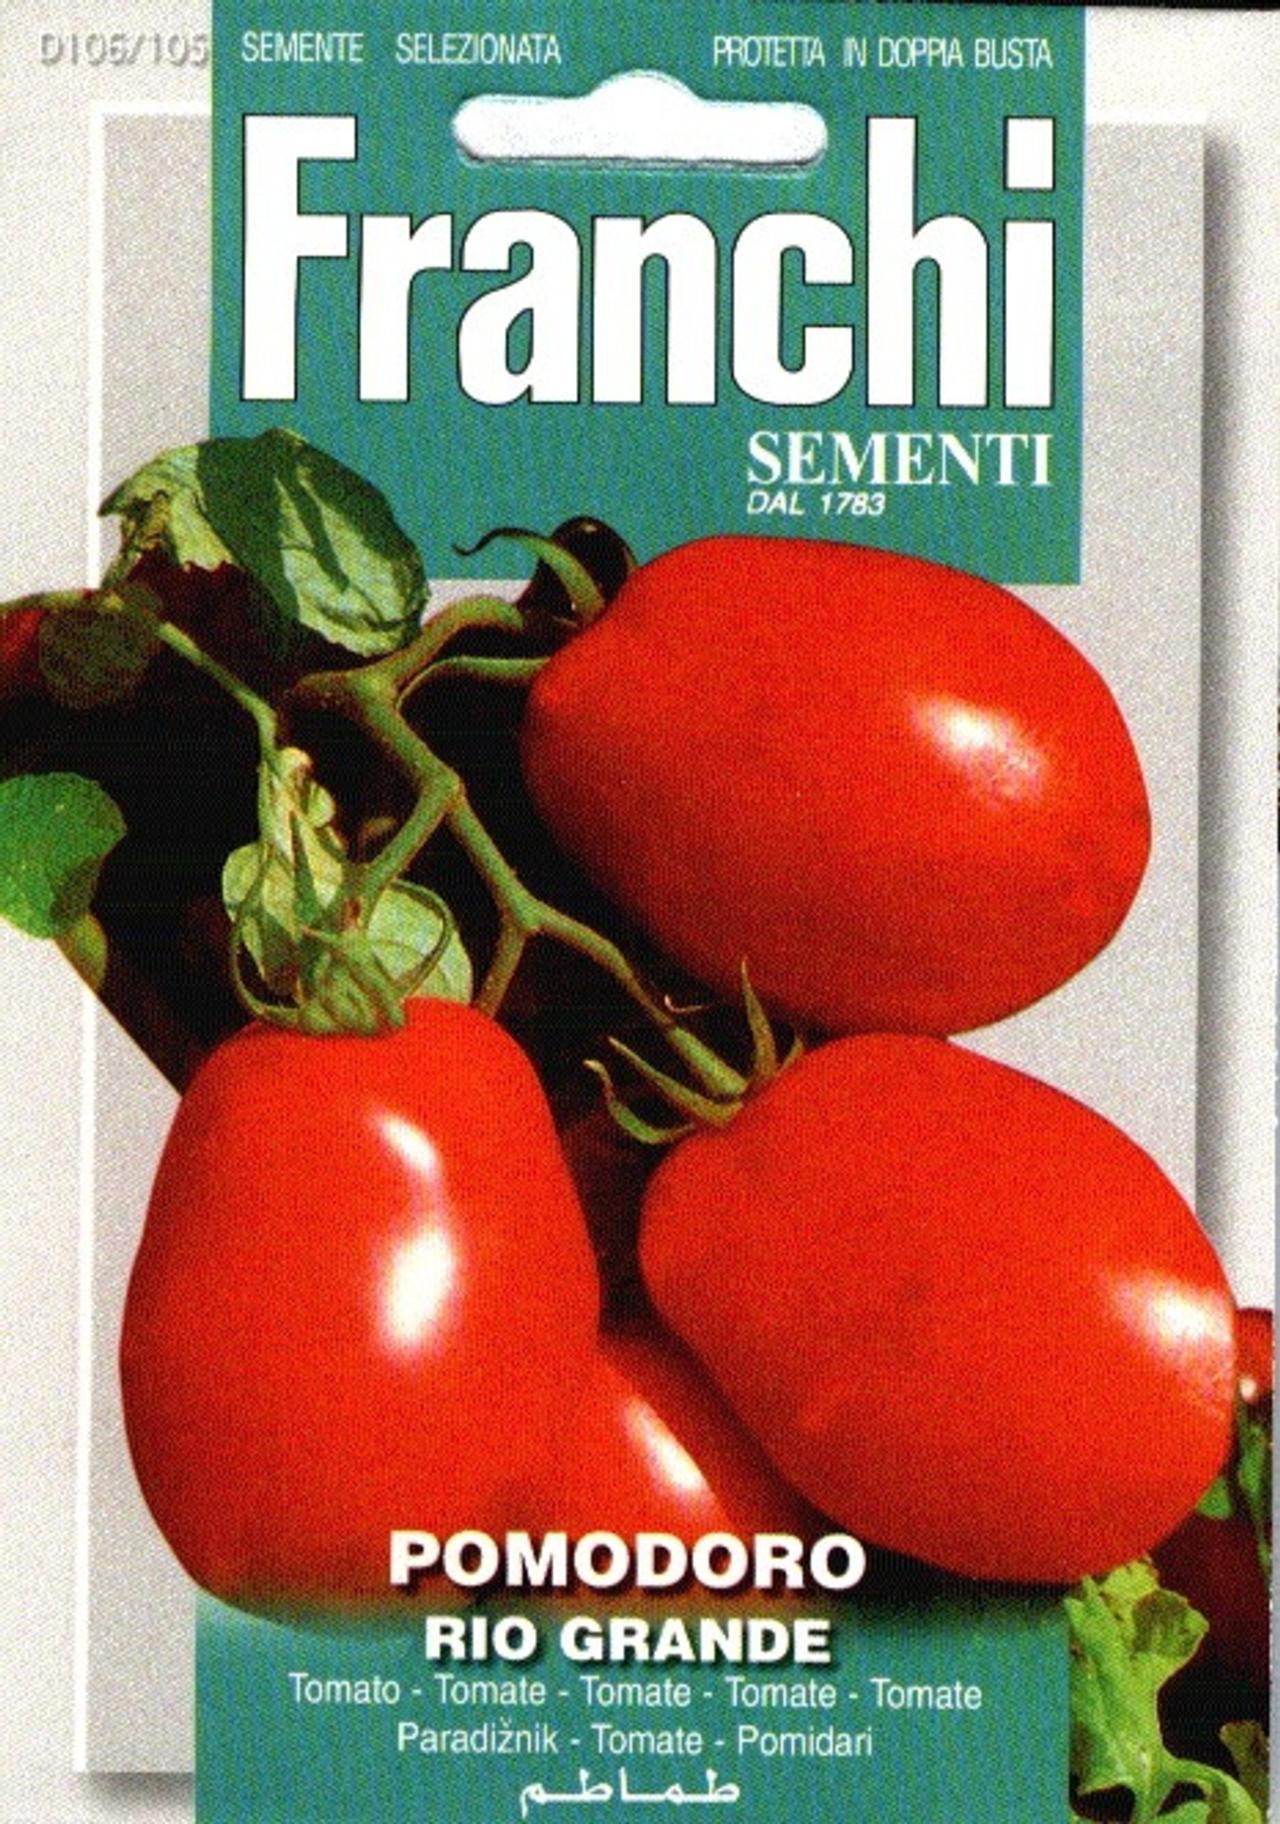 Solanum lycopersicum 'Rio Grando' plant